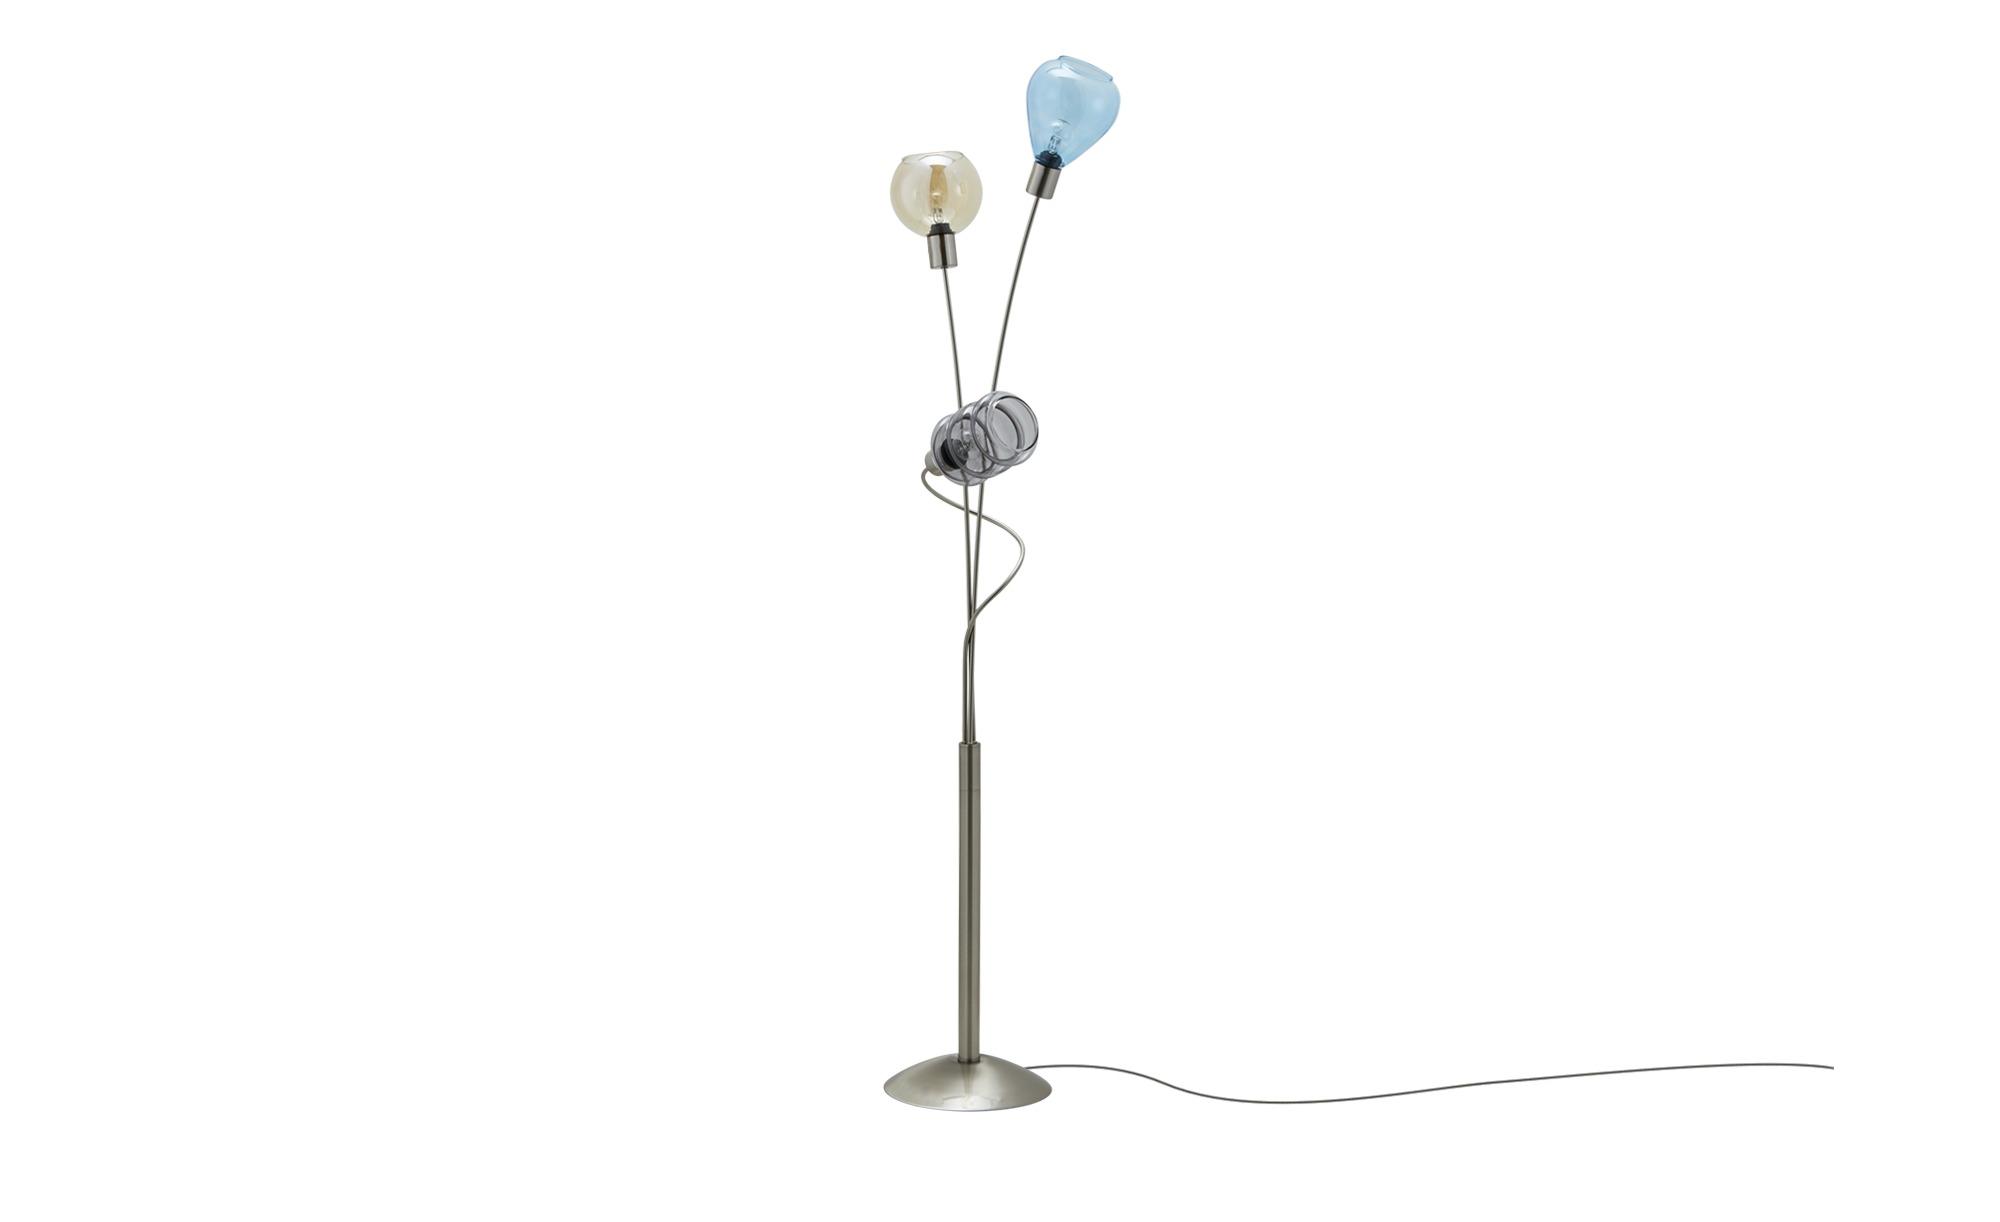 Stehleuchte, 3-flammig, Gläser in bunt ¦ silber ¦ Maße (cm): H: 155 Lampen & Leuchten > Innenleuchten > Stehlampen - Höffner